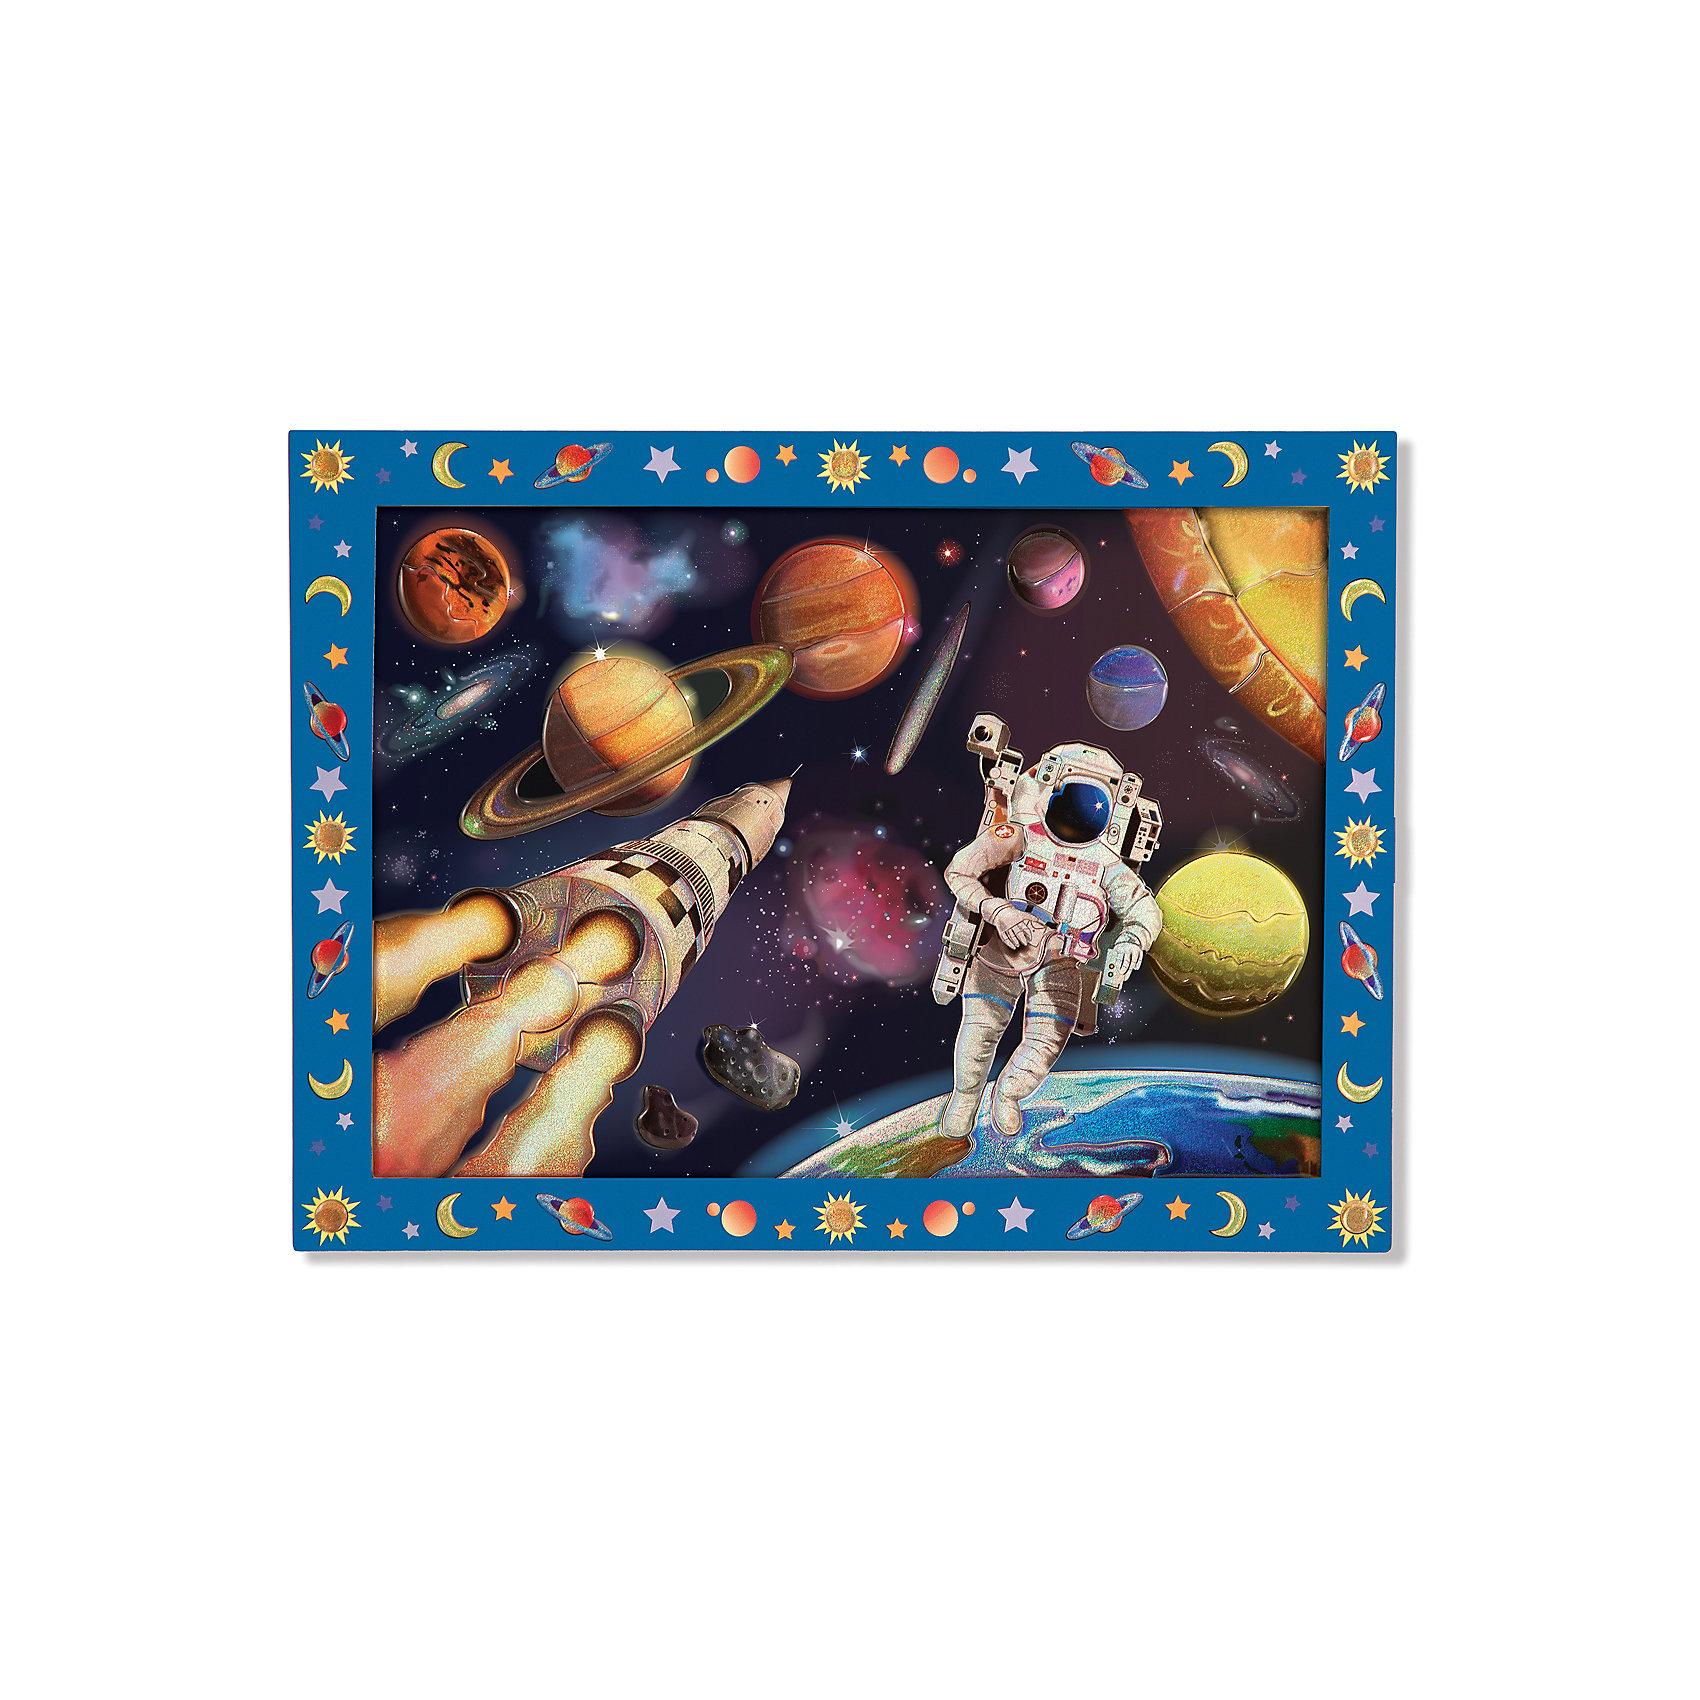 Мозаика Космическая Миссия, Melissa &amp; DougМозаика<br>С помощью цветных блестящих пронумерованных наклеек  из набора Мозаика Космическая Миссия, Melissa &amp; Doug (Мелисса и Даг) Ваш ребенок сможет создать потрясающую картину космоса. Красочная мозаика имеет деревянную основу с пронумерованными ячейками, на которые клеятся стикеры-пазлы с соответствующими цифрами. Ребенок с удовольствием будет складывать из отдельных элементов красочное изображение космоса. В результате получится красивый рисунок, которым ваш ребенок будет гордиться и сможет повесить на стену в своей комнате. Набор развивает мелкую моторику рук, фантазию, зрительную память.<br><br>Комплектация: деревянная основа, более 60 стикеров<br><br>Дополнительная информация:<br>-Материал: дерево, картон <br>-Размер упаковки: 40х30х1,3 см<br>-Вес: 450 г<br><br>Набор для детского творчества «Космическая Миссия» порадует мальчиков оригинальной мерцающей мозаикой с изображением космического пространства с космонавтом, космическим кораблем и небесными телами.<br><br>Мозаика Космическая Миссия, Melissa &amp; Doug (Мелисса и Даг) можно купить в нашем магазине.<br><br>Ширина мм: 400<br>Глубина мм: 400<br>Высота мм: 300<br>Вес г: 620<br>Возраст от месяцев: 60<br>Возраст до месяцев: 180<br>Пол: Унисекс<br>Возраст: Детский<br>SKU: 4008268